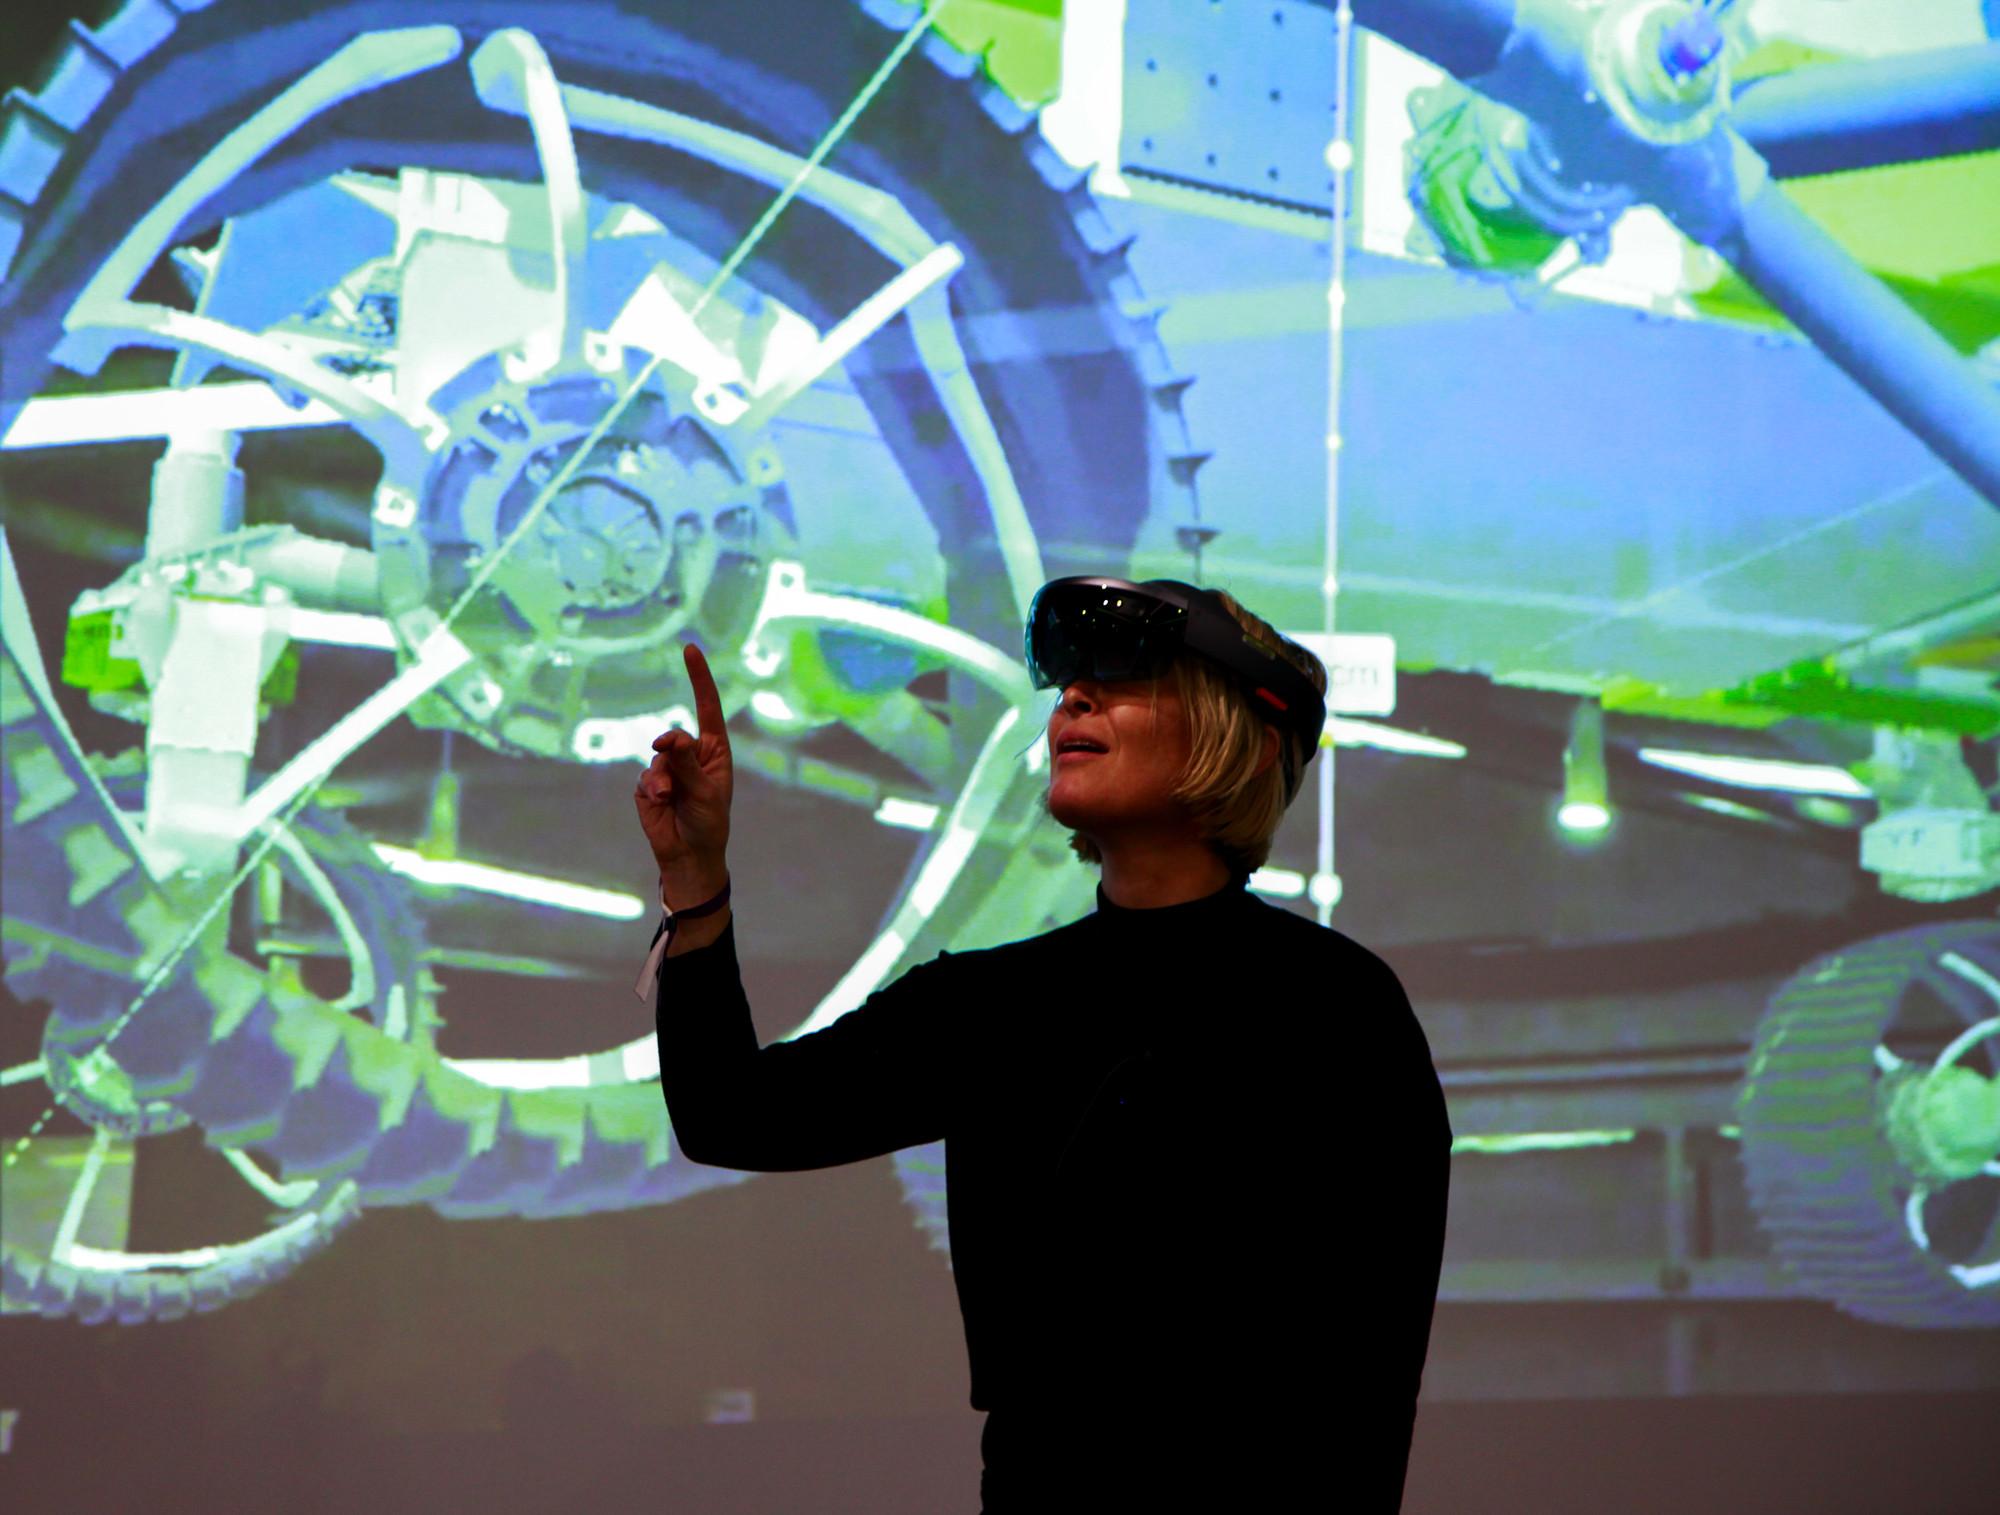 d86a21e22294 NASA s HoloLens Demo Puts Researchers on Mars